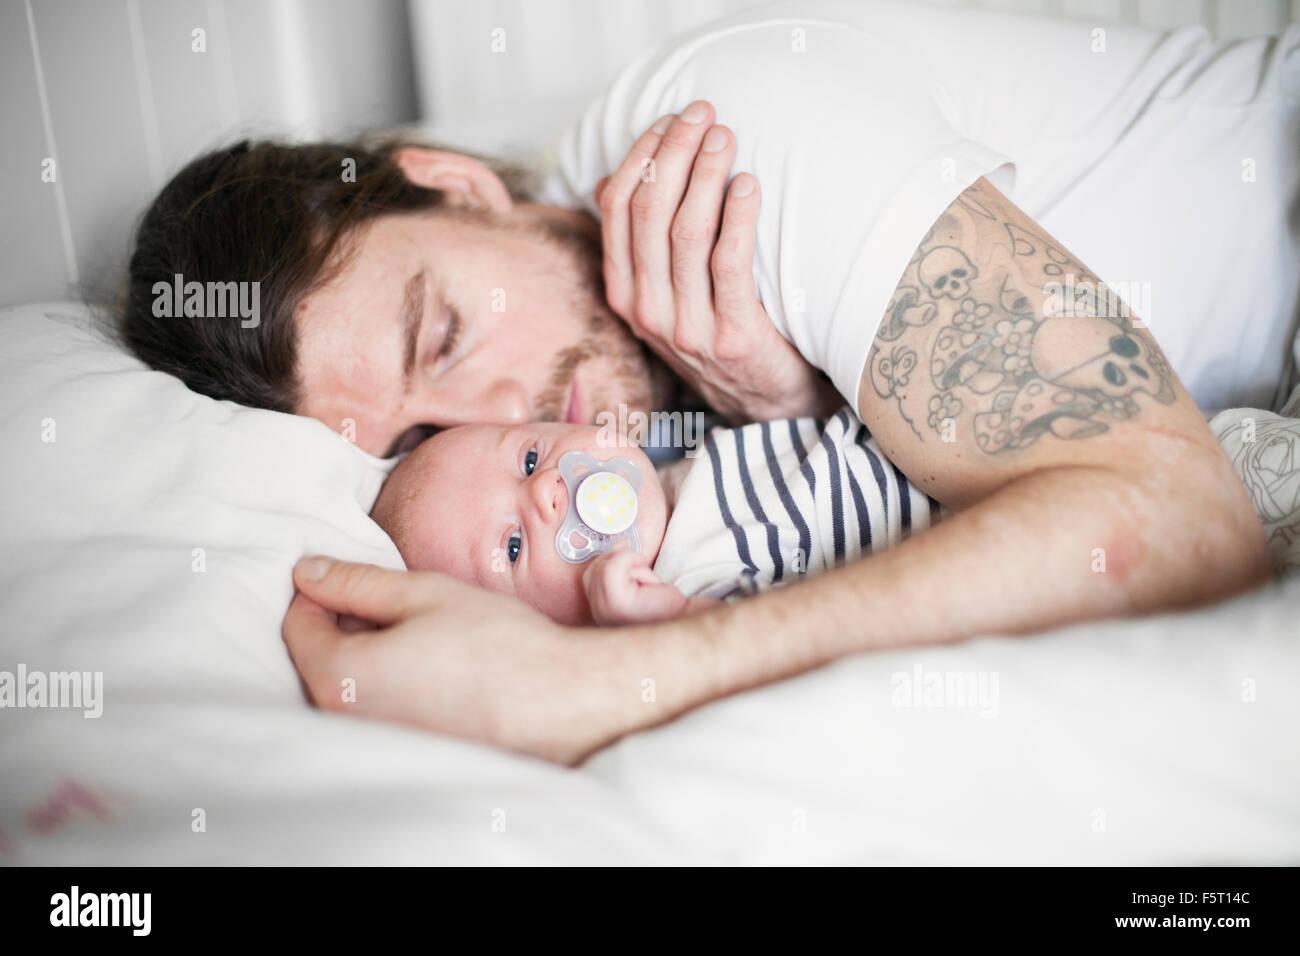 Suecia, padre y niño (0-1 meses) descansando Imagen De Stock